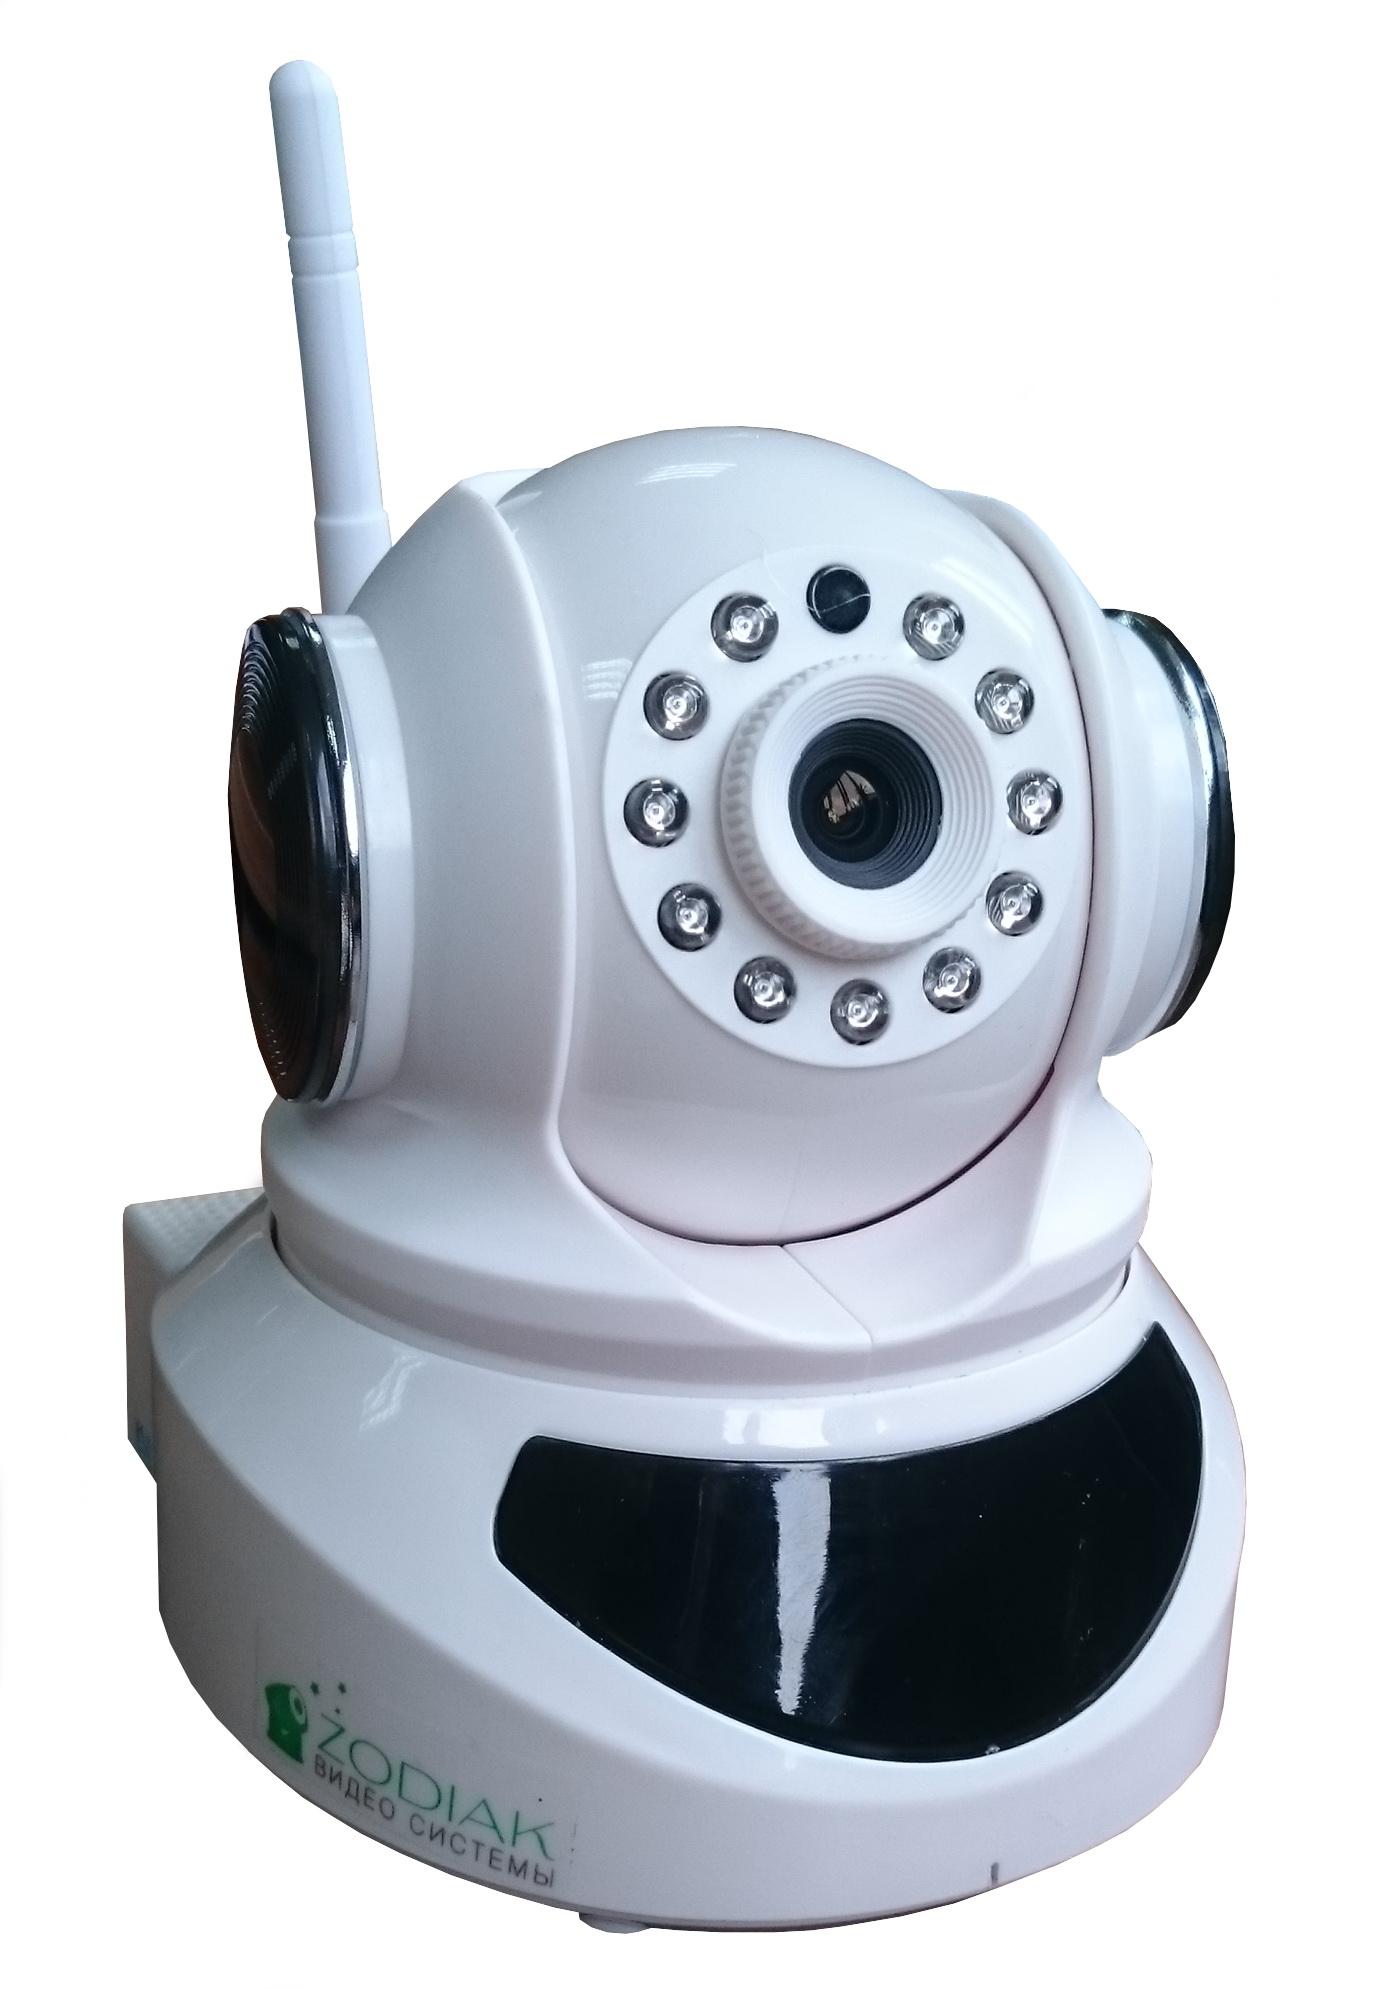 Камера видеонаблюдения Zodiak с датчиком движения и открытия zodiak 909 hone safety